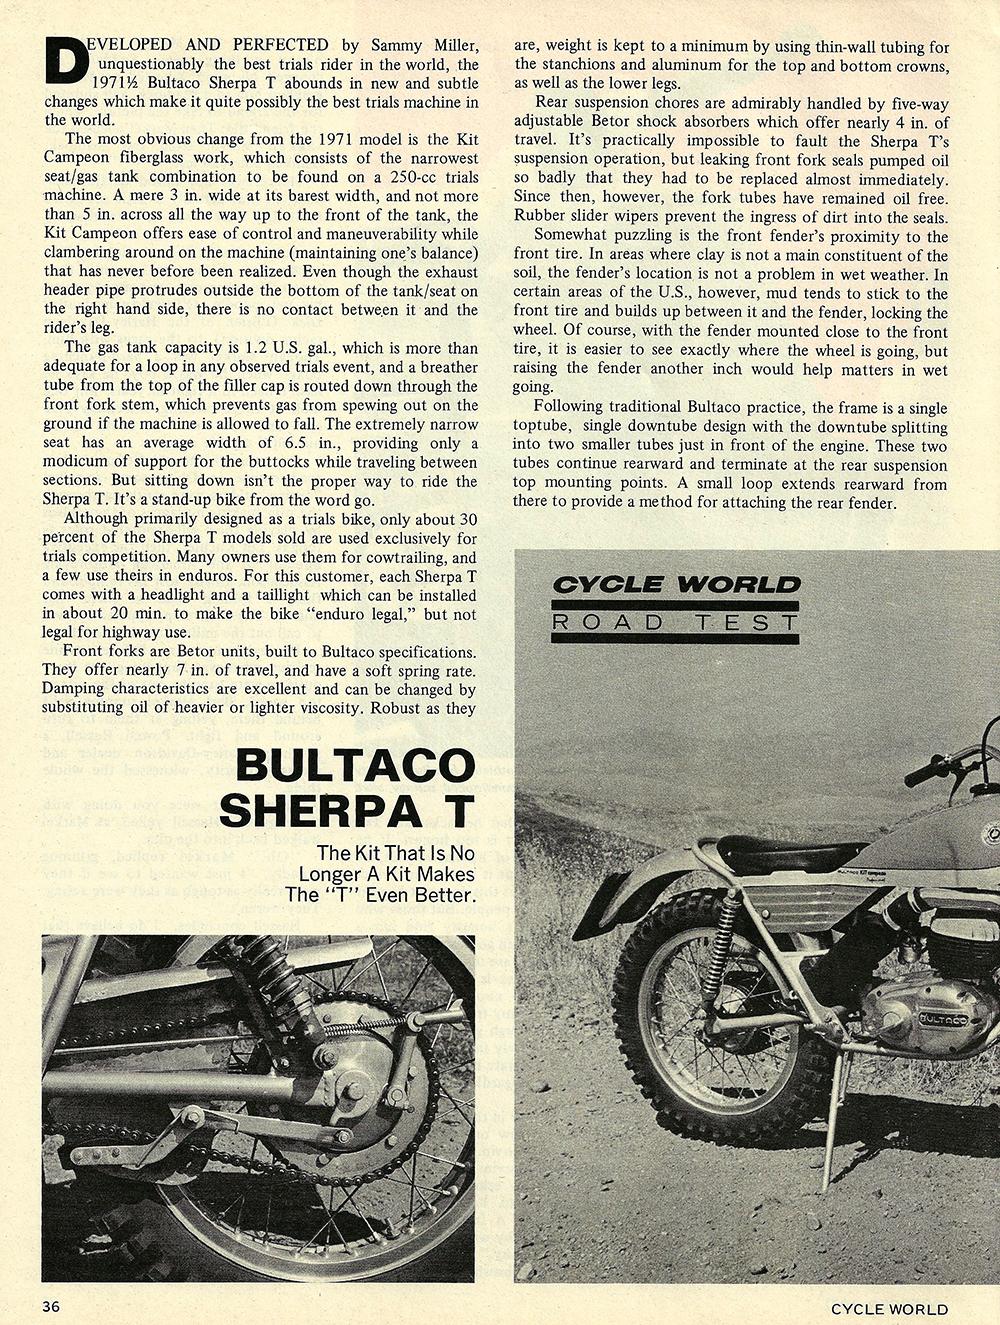 1971 Bultaco Sherpa T road test 01.jpg